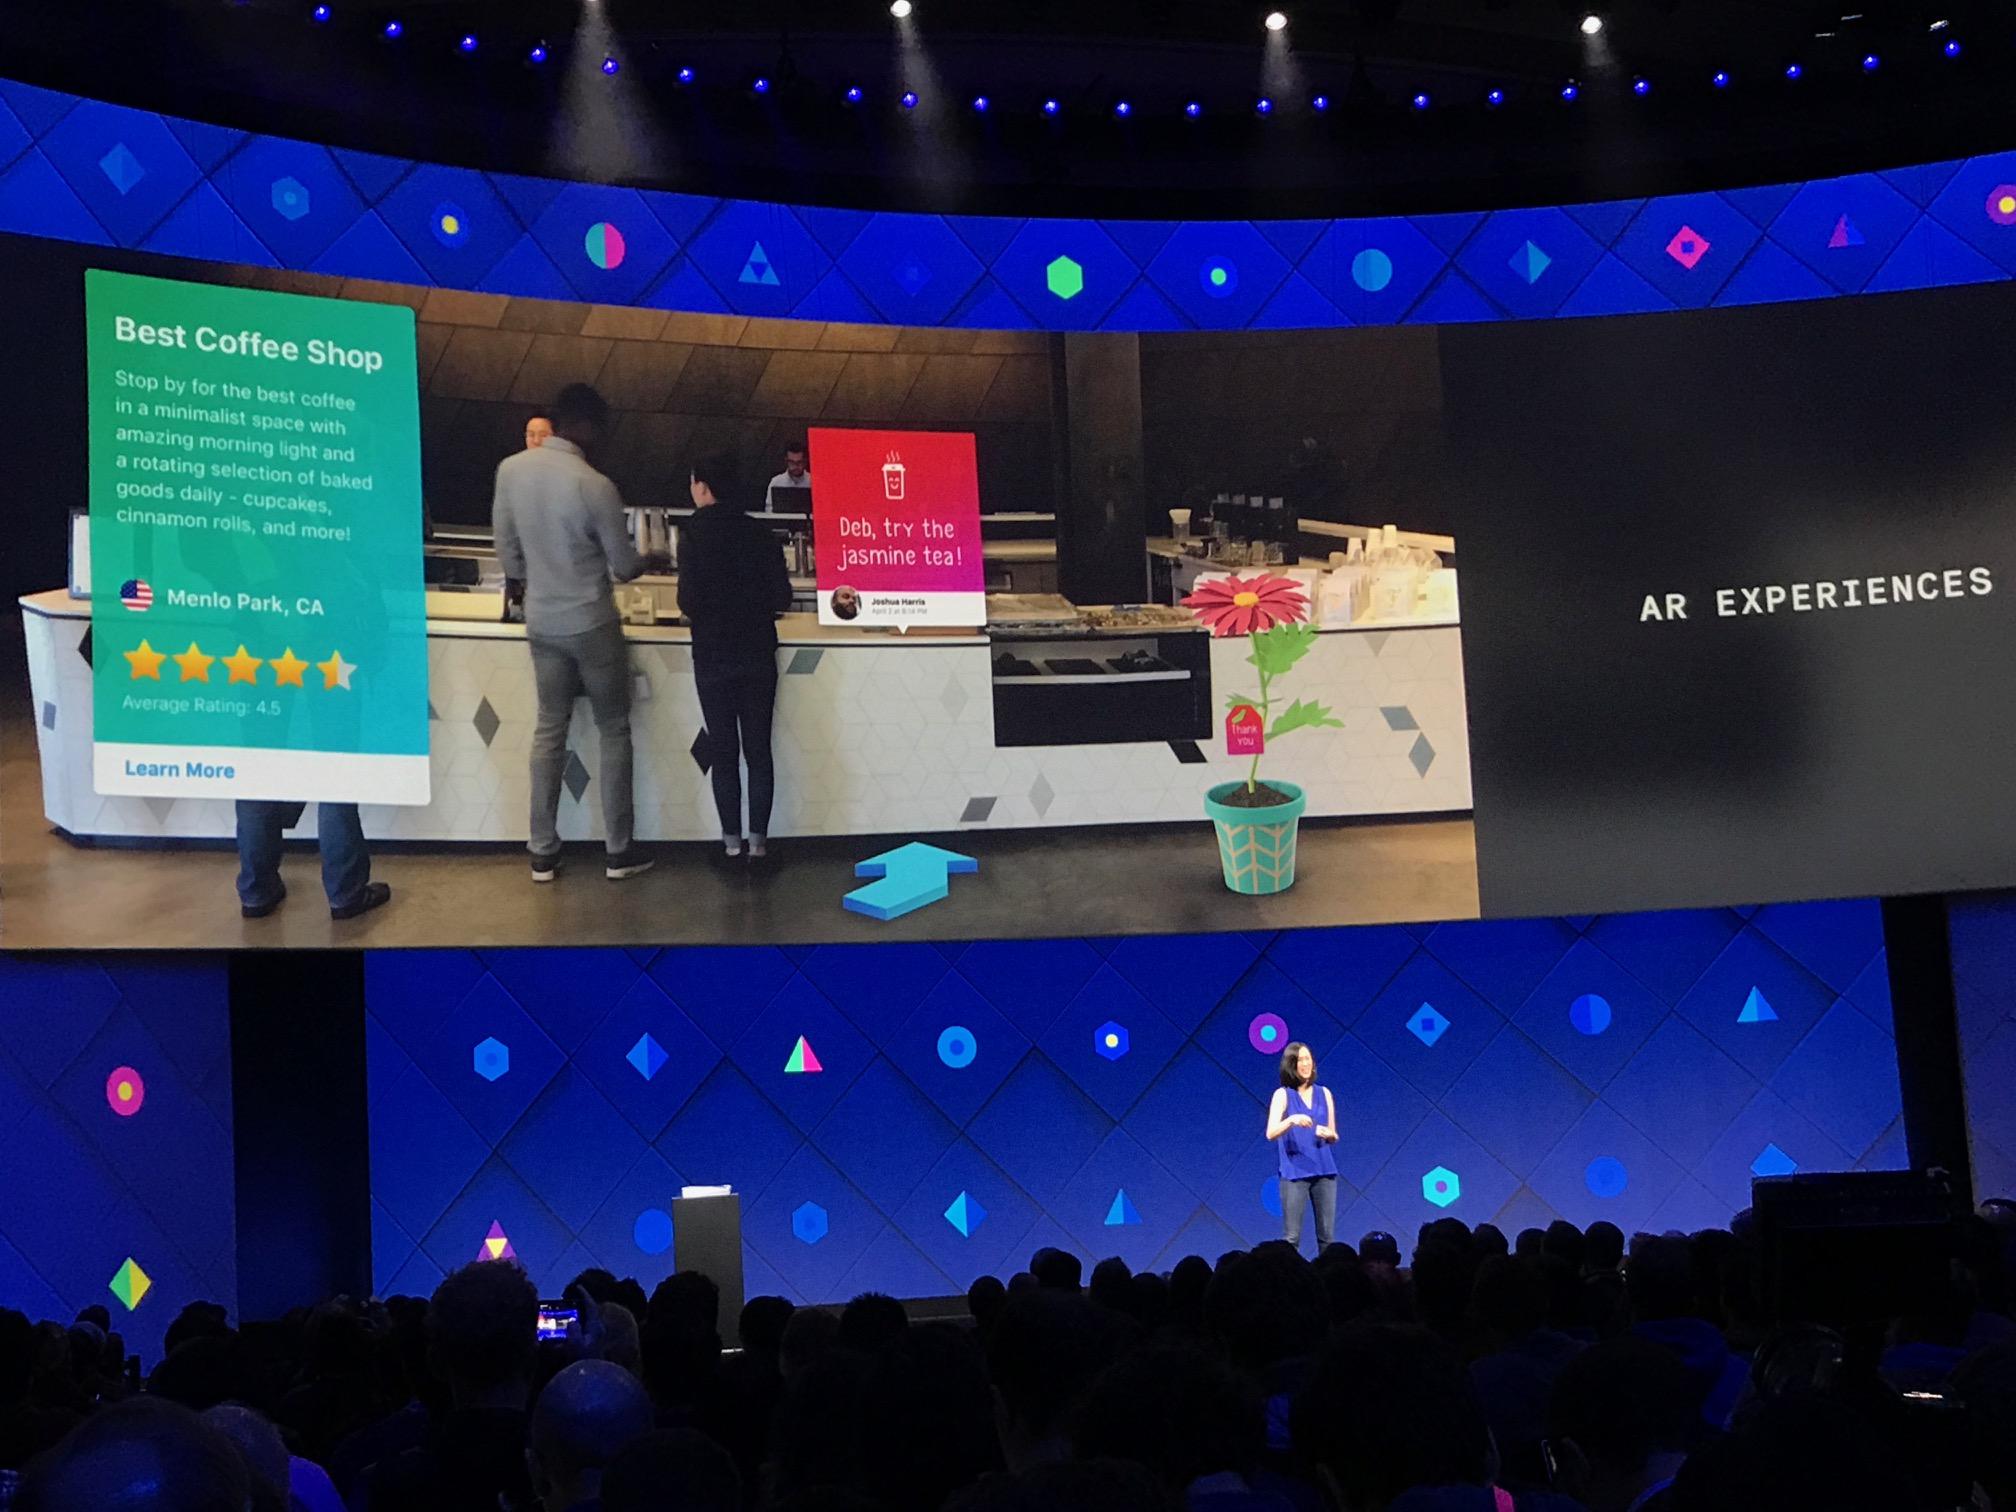 Eksempel på hva Facebooks kamera-app med utvidet virkelighet kan gjøre for den lokale kaffesjappa.